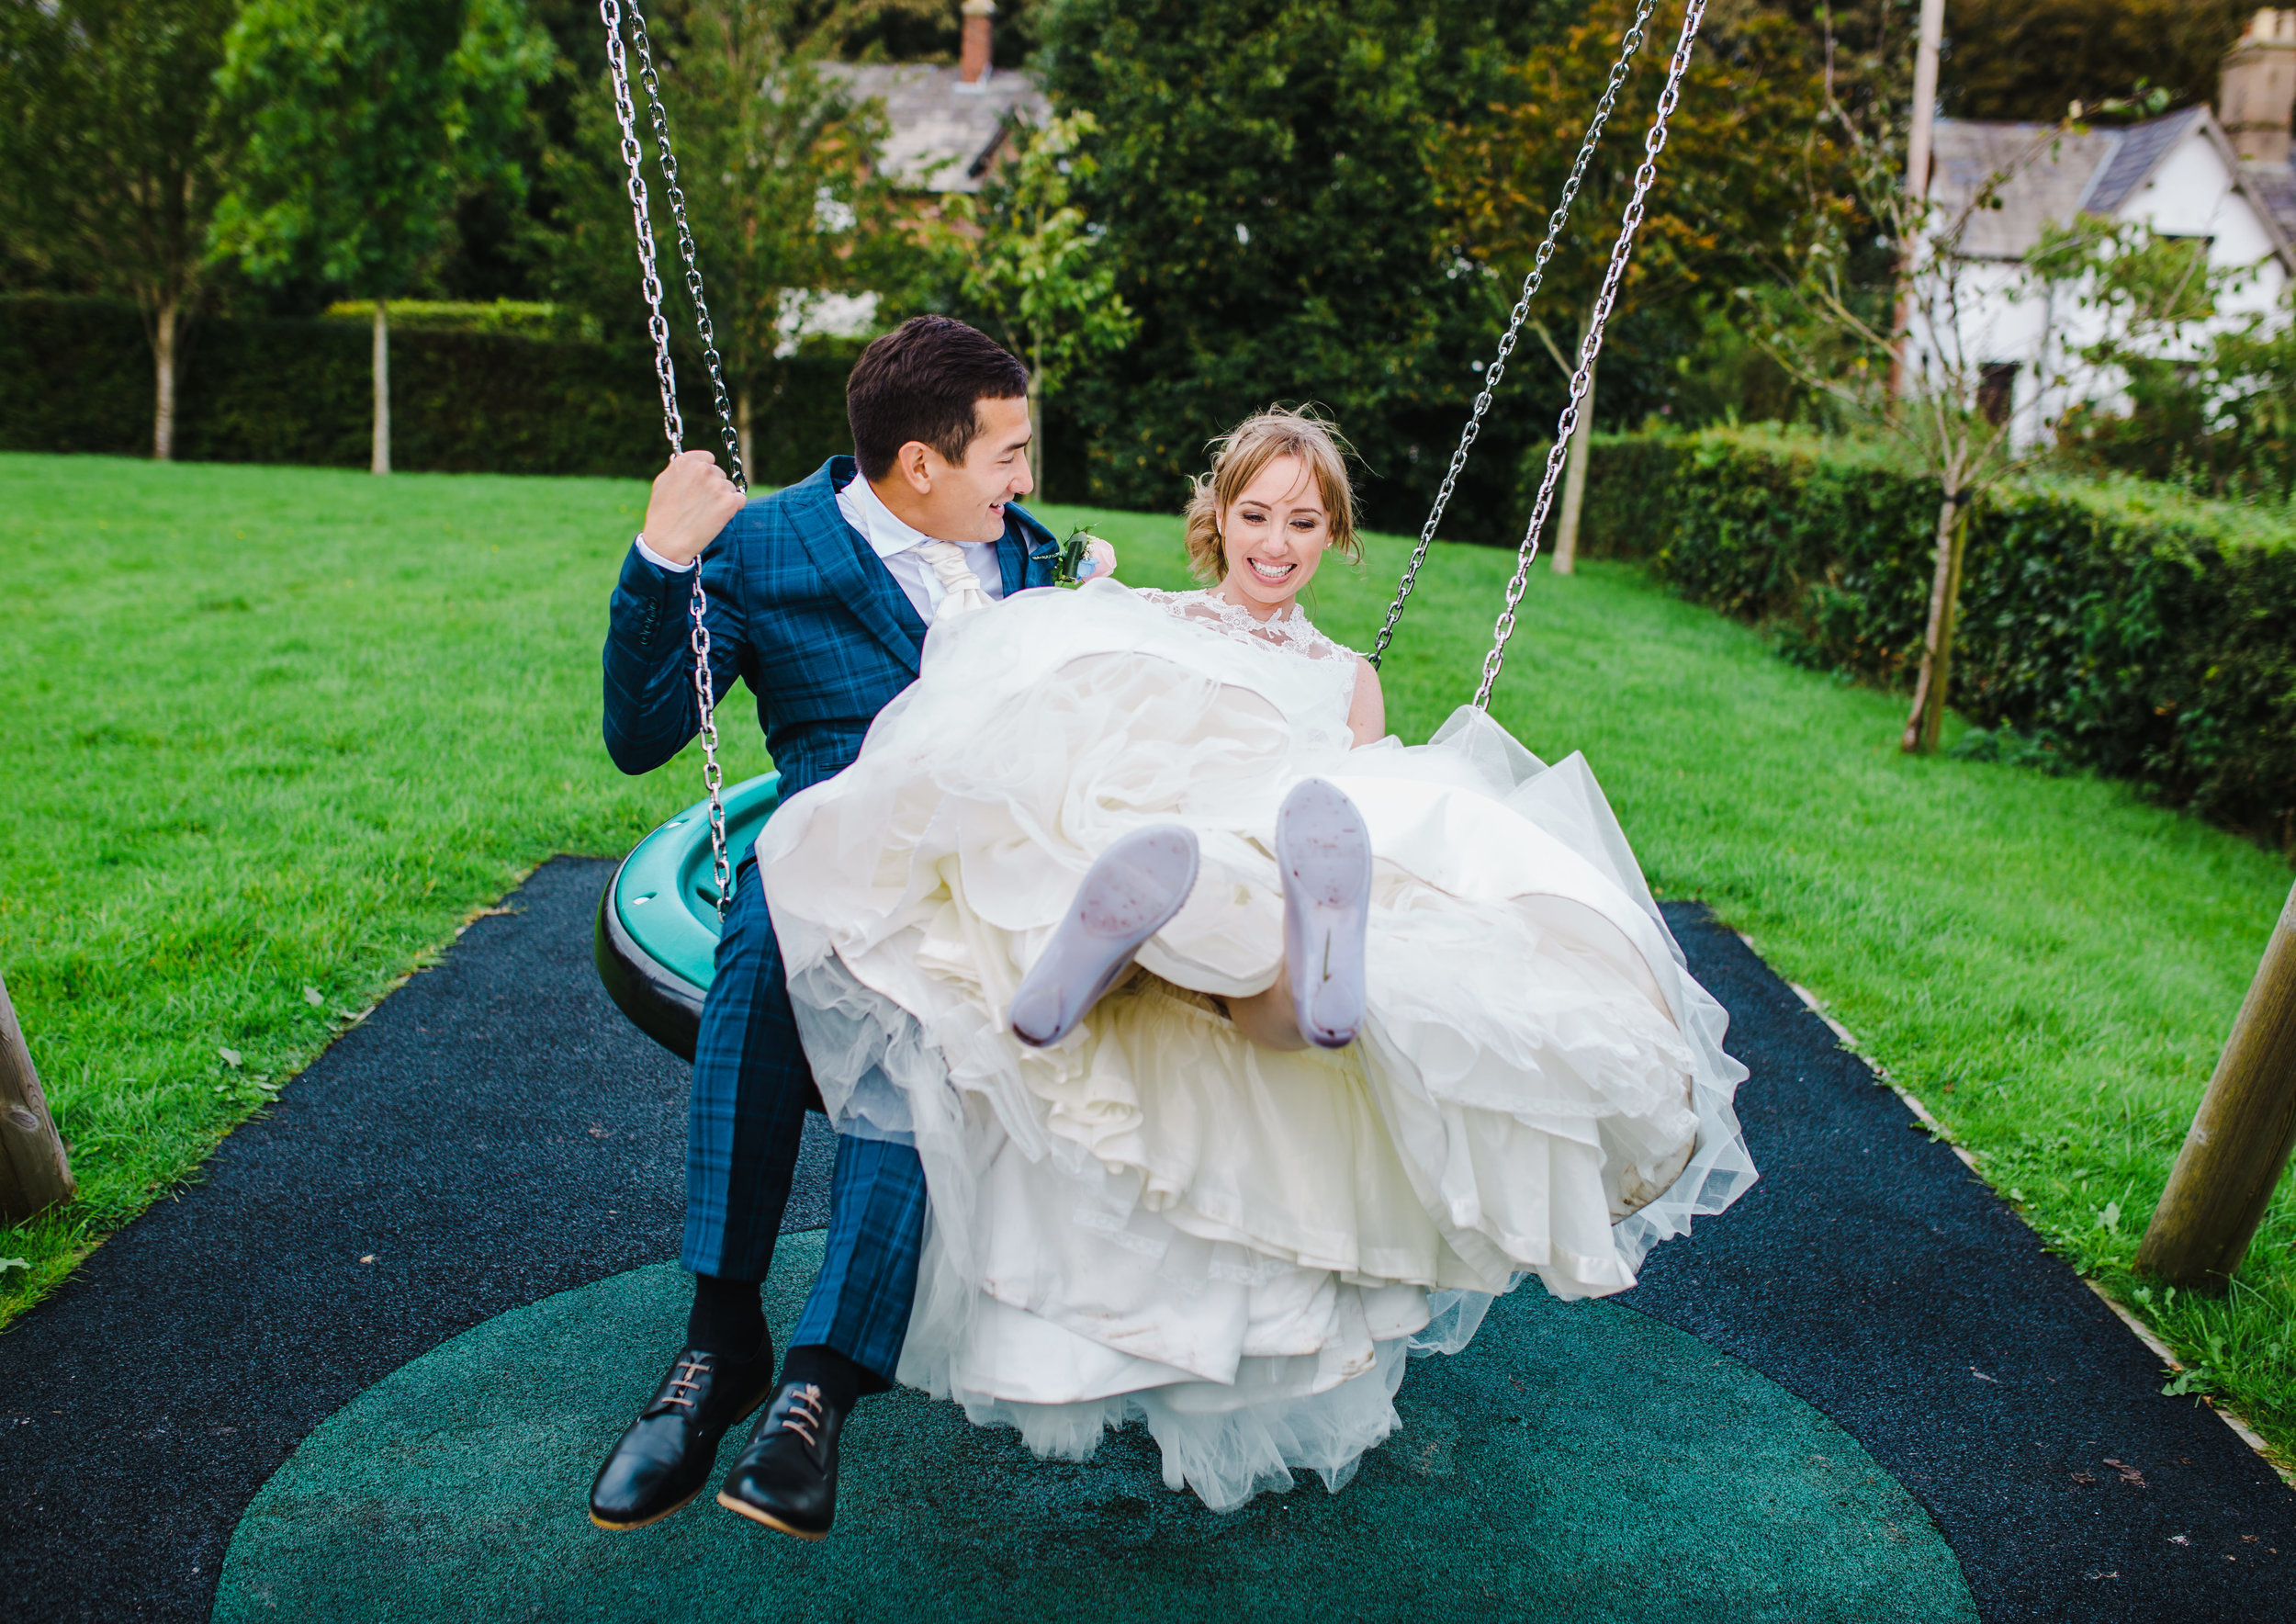 playful wedding photos